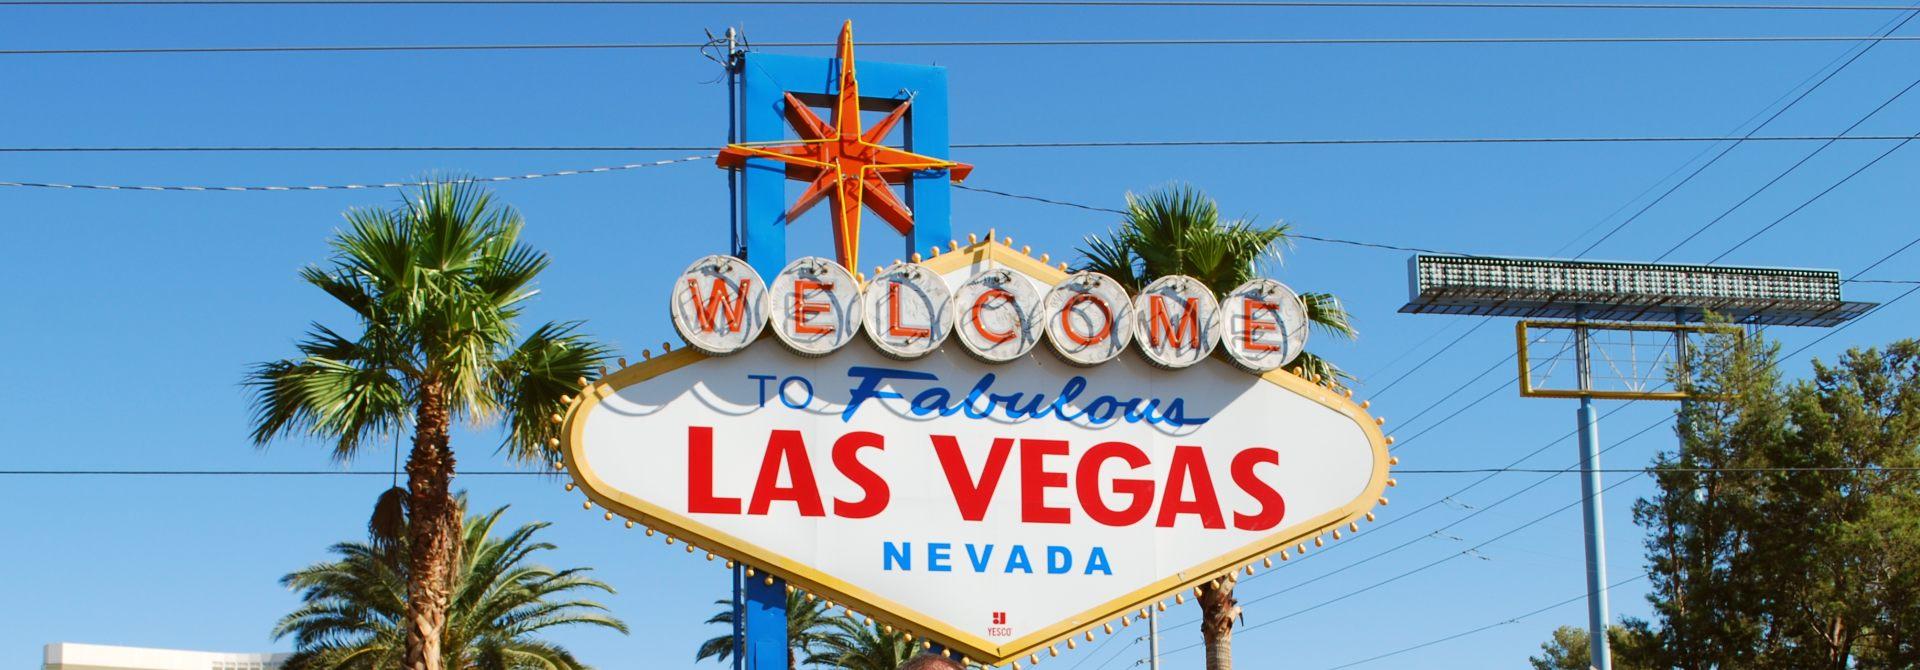 Las Vegas Sign Header